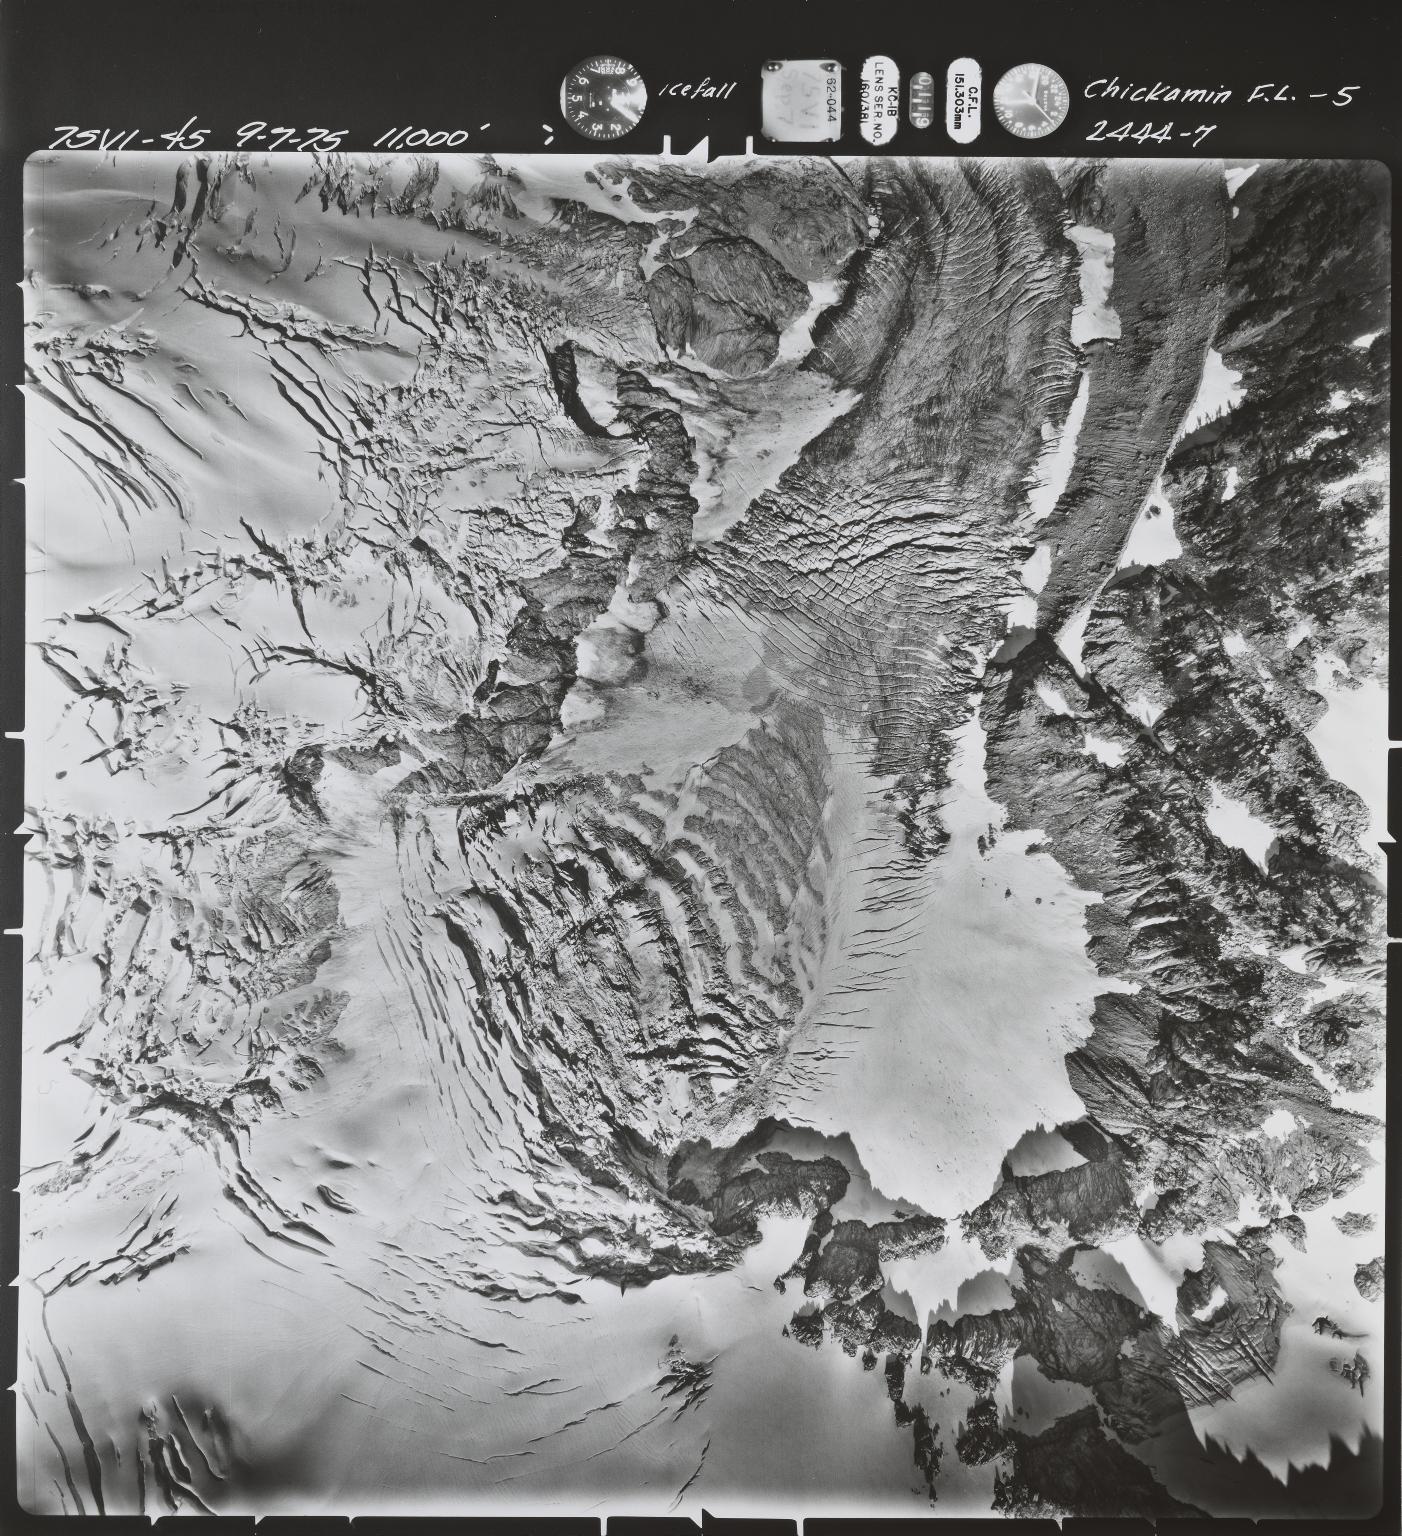 Chickamin Glacier, Washington